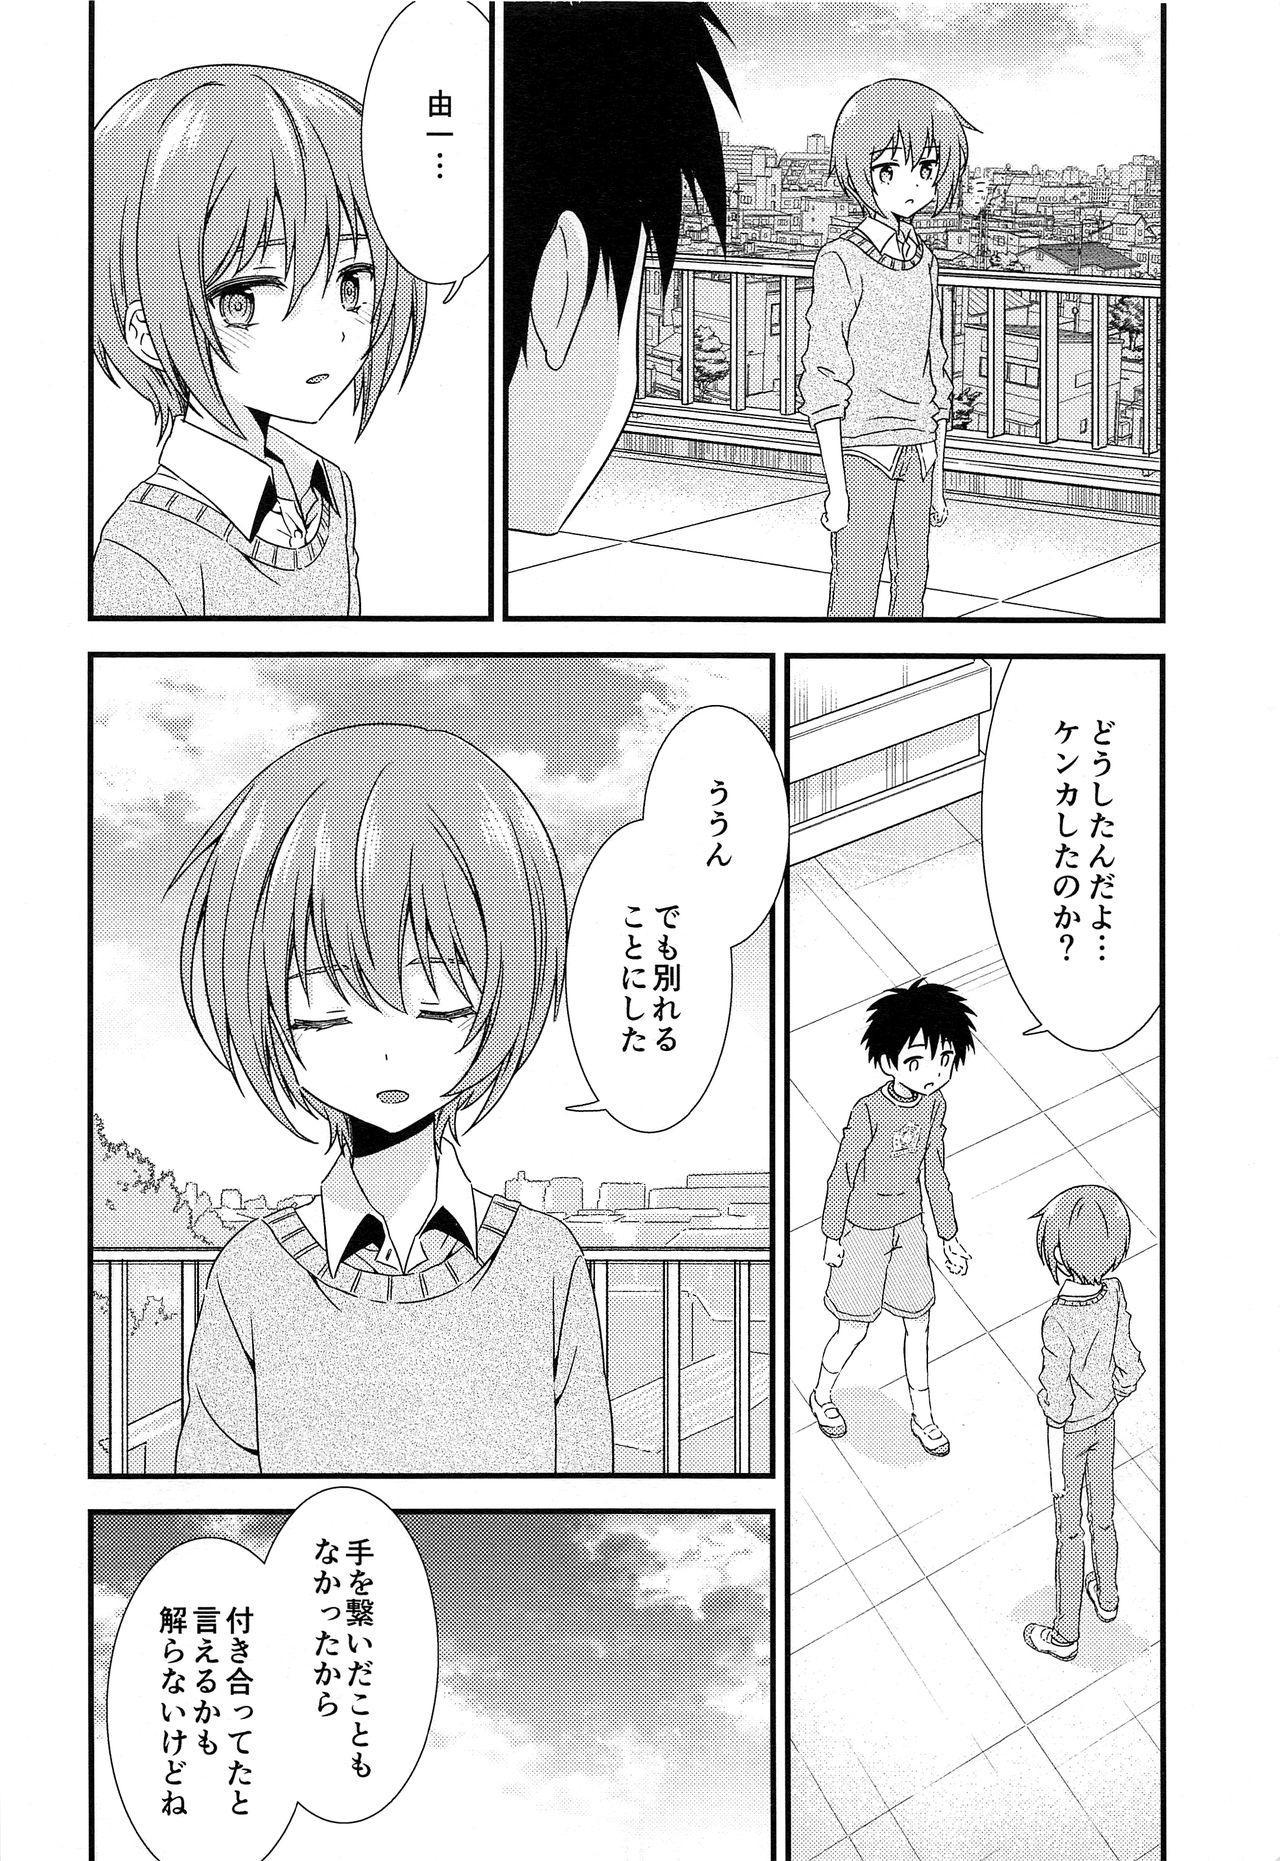 Yuujou no Hate ni Kimi to Sex shita 20